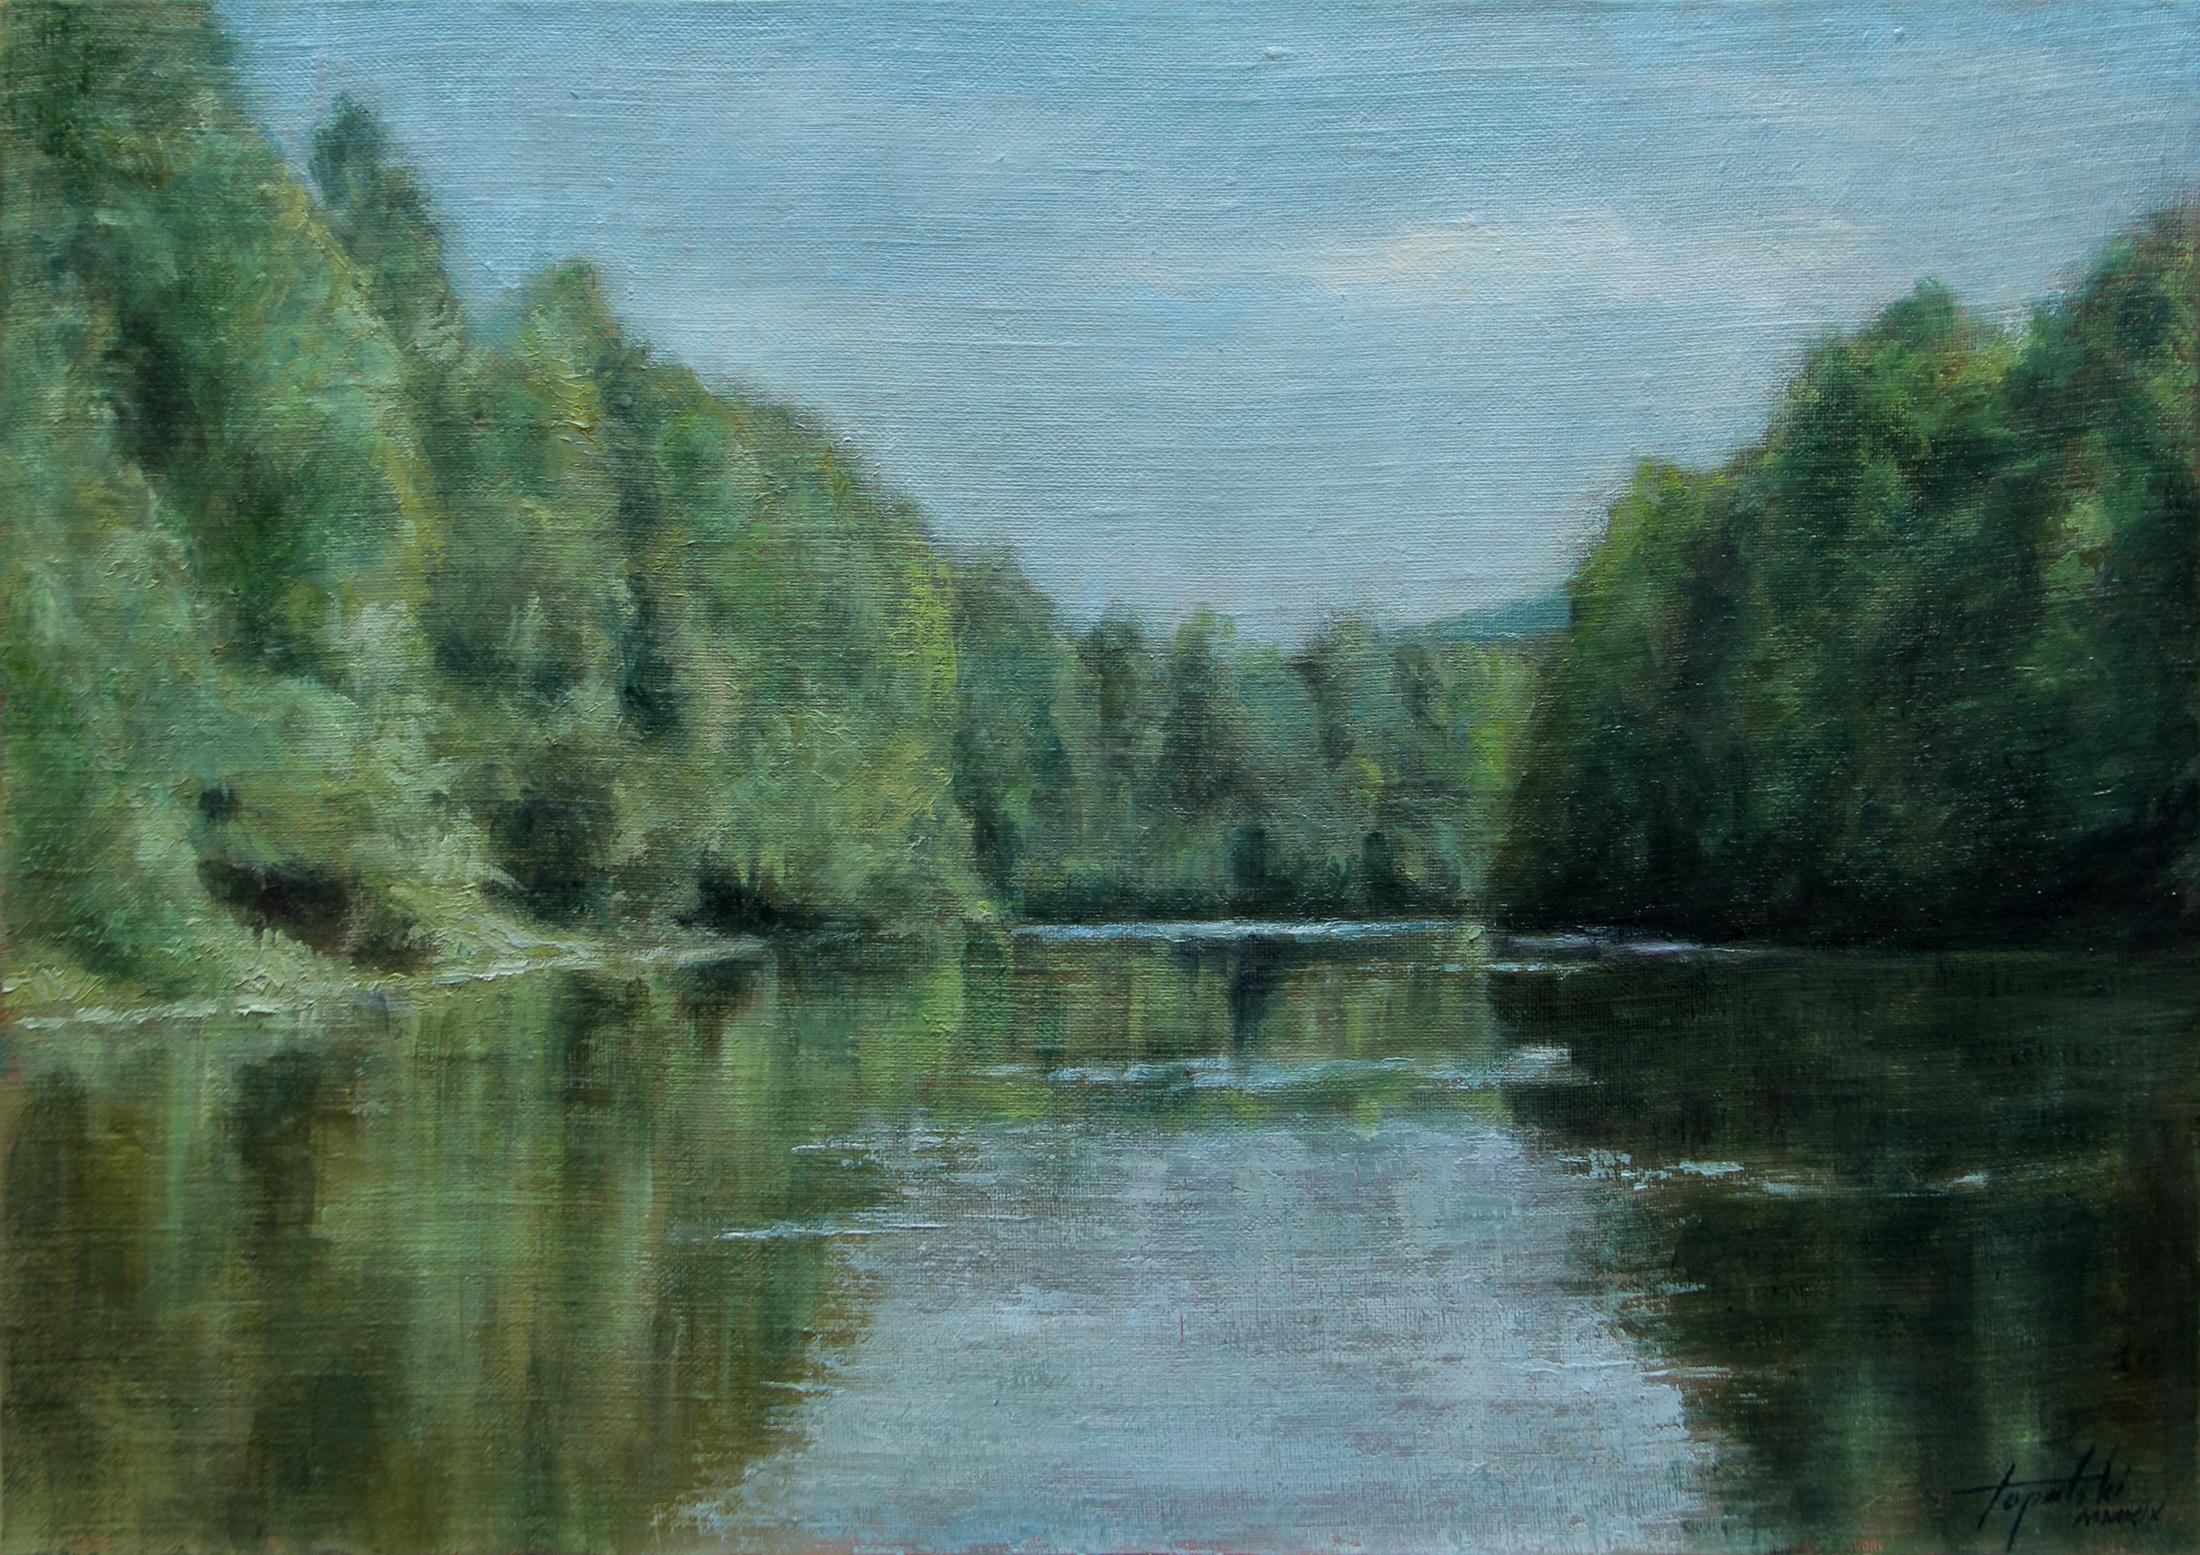 Reka - Umetnička slika 30x45cm Ulje na lanenom platnu kasiranom na sper - umetnik Darko TOPALSKI